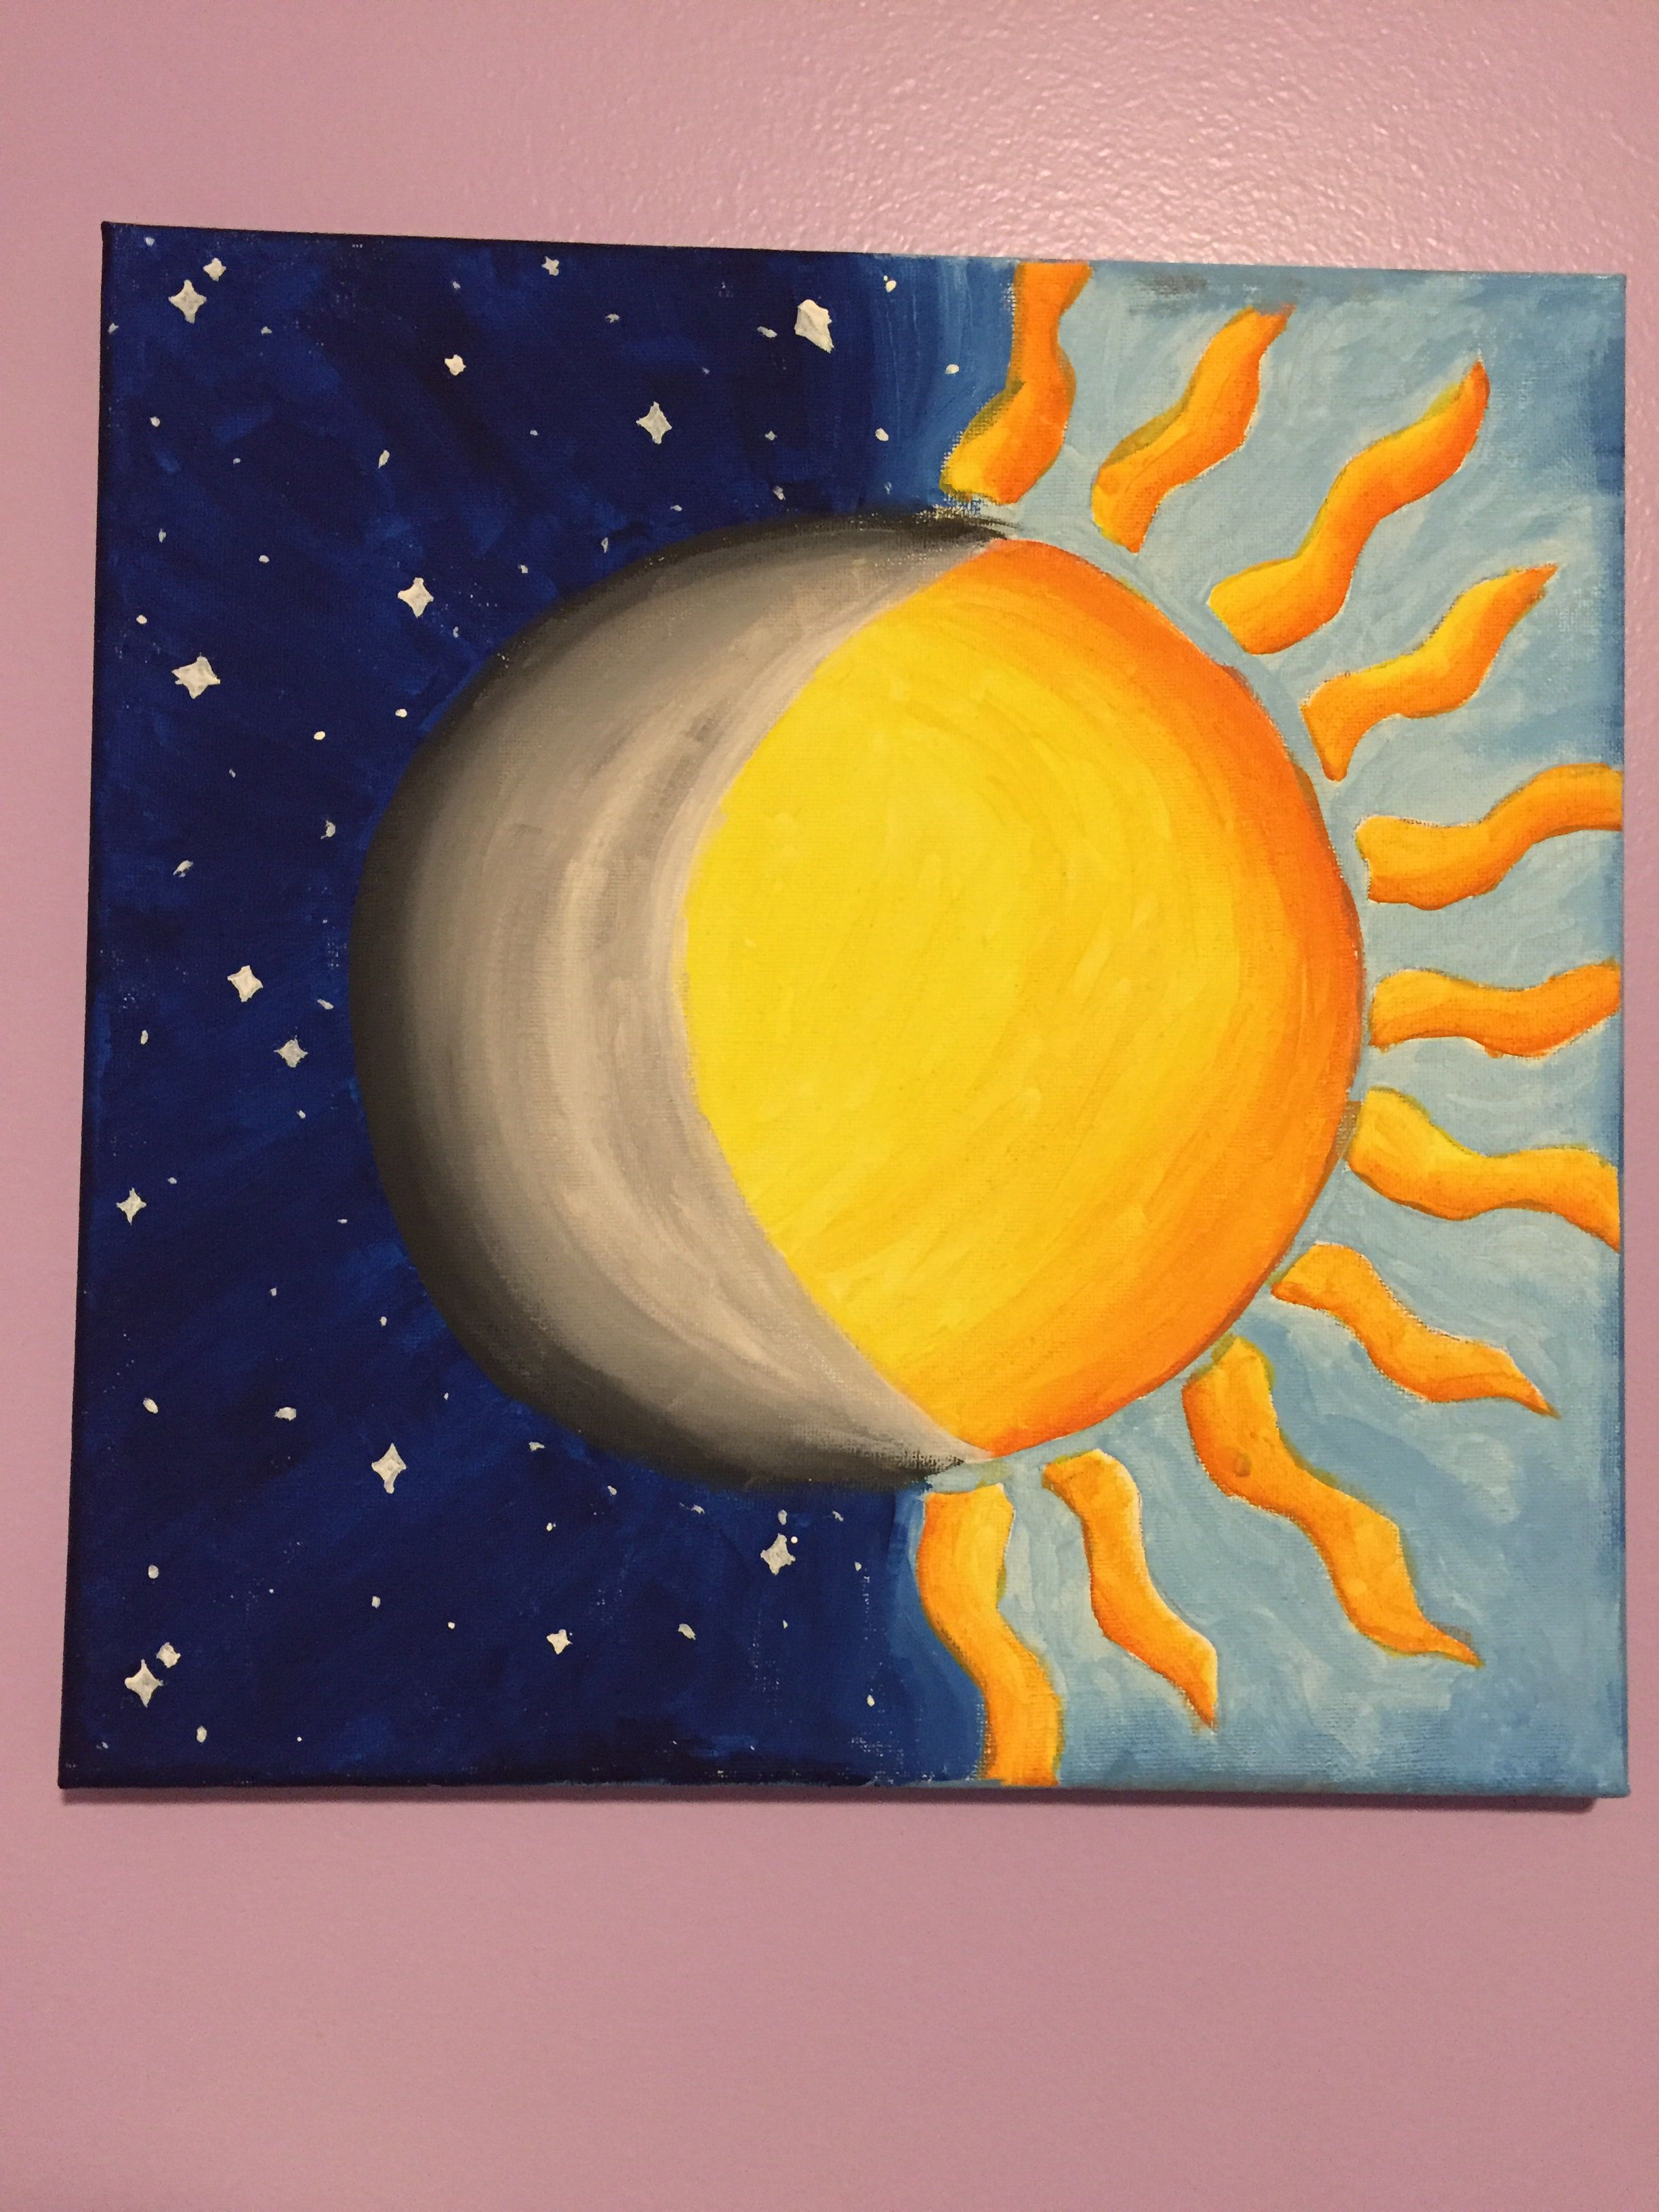 Half sun half moon painting idea!! | my art | Painting ...